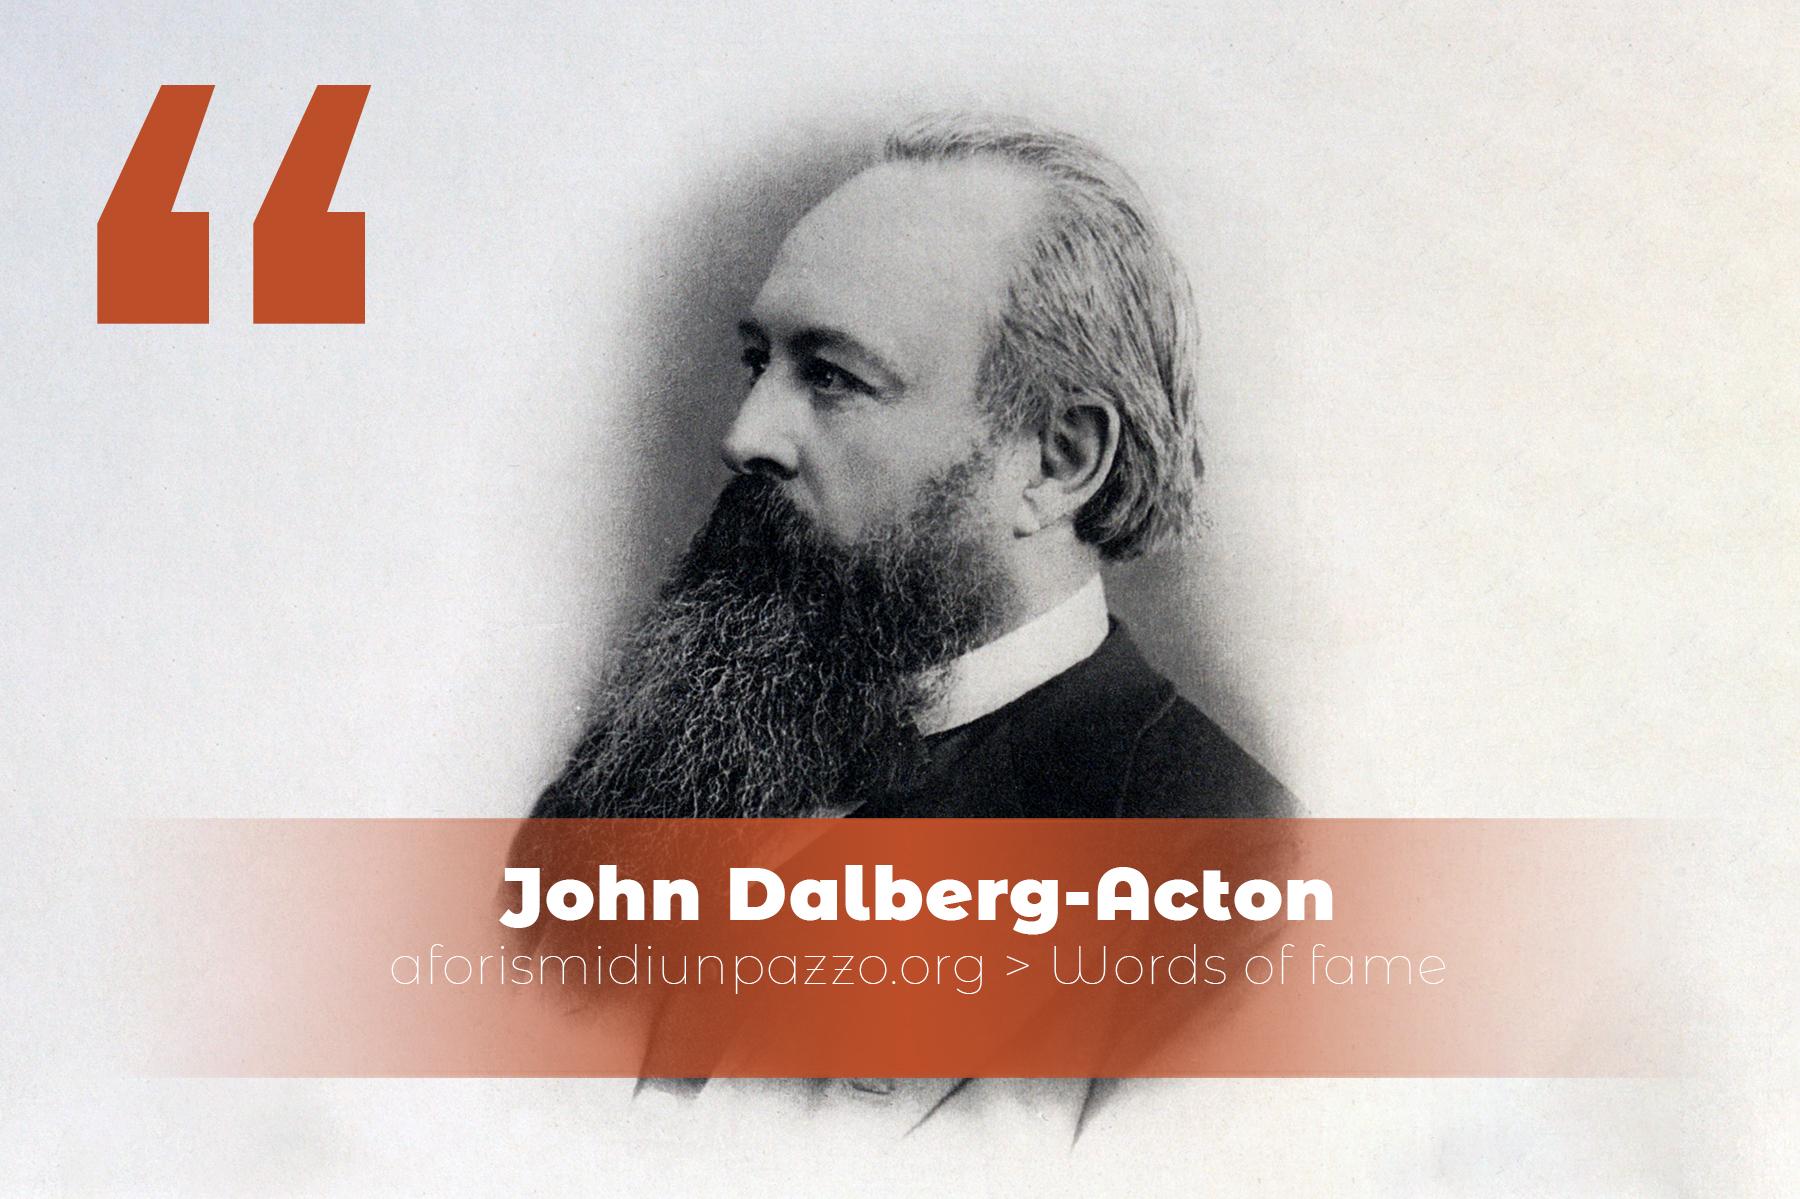 John Dalberg Acton